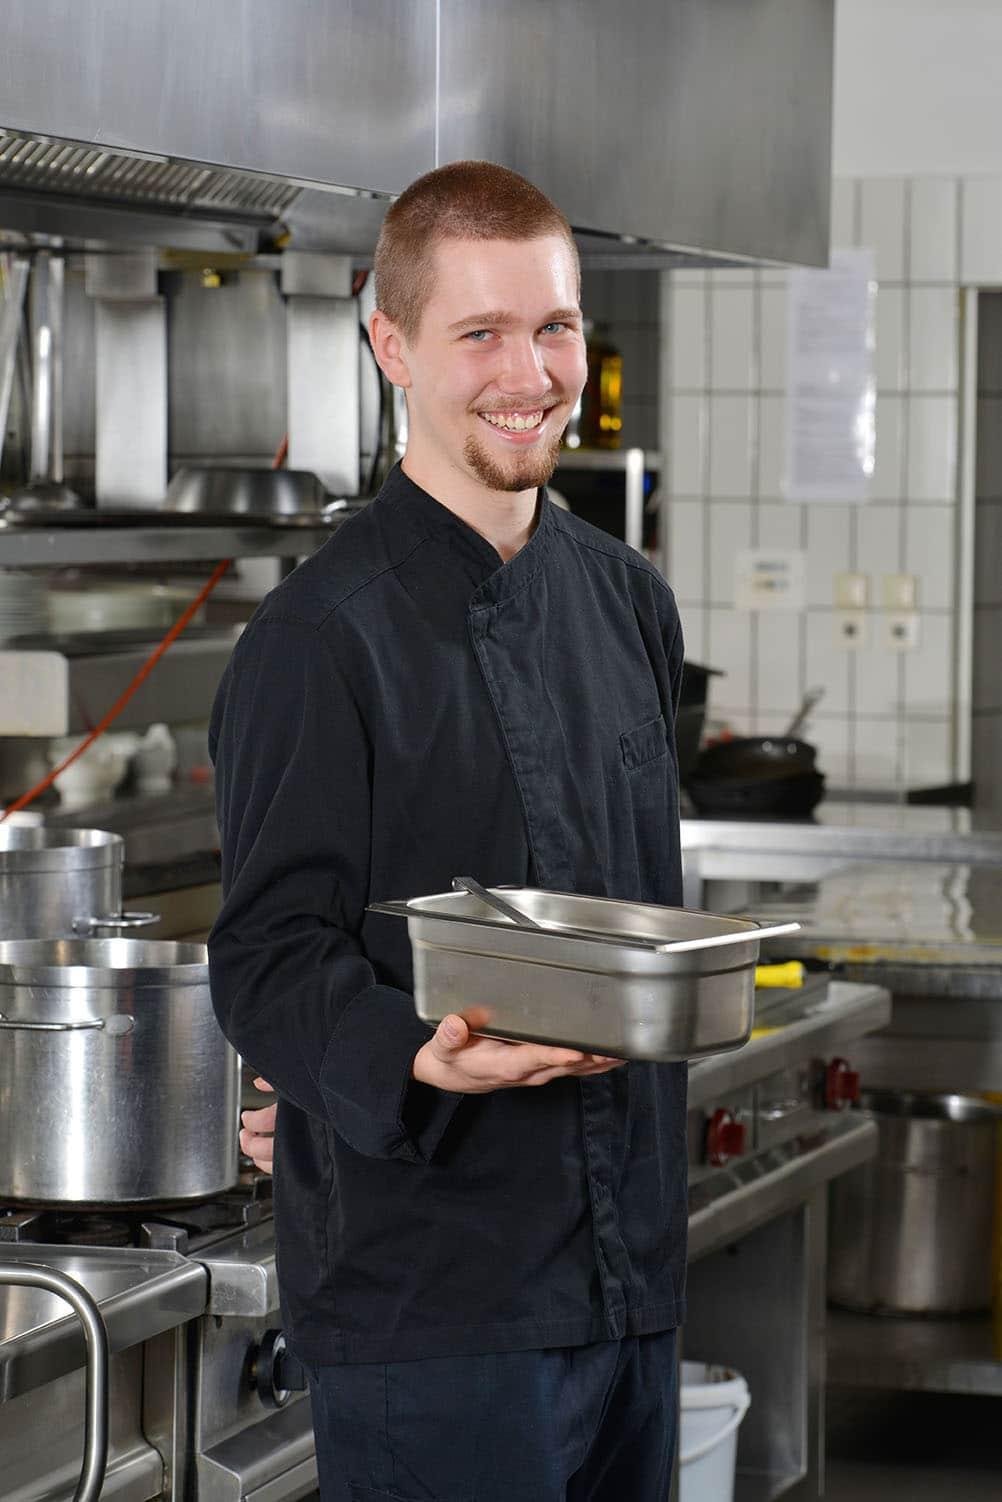 Koch mit Schüssel in der Hand in der Küche